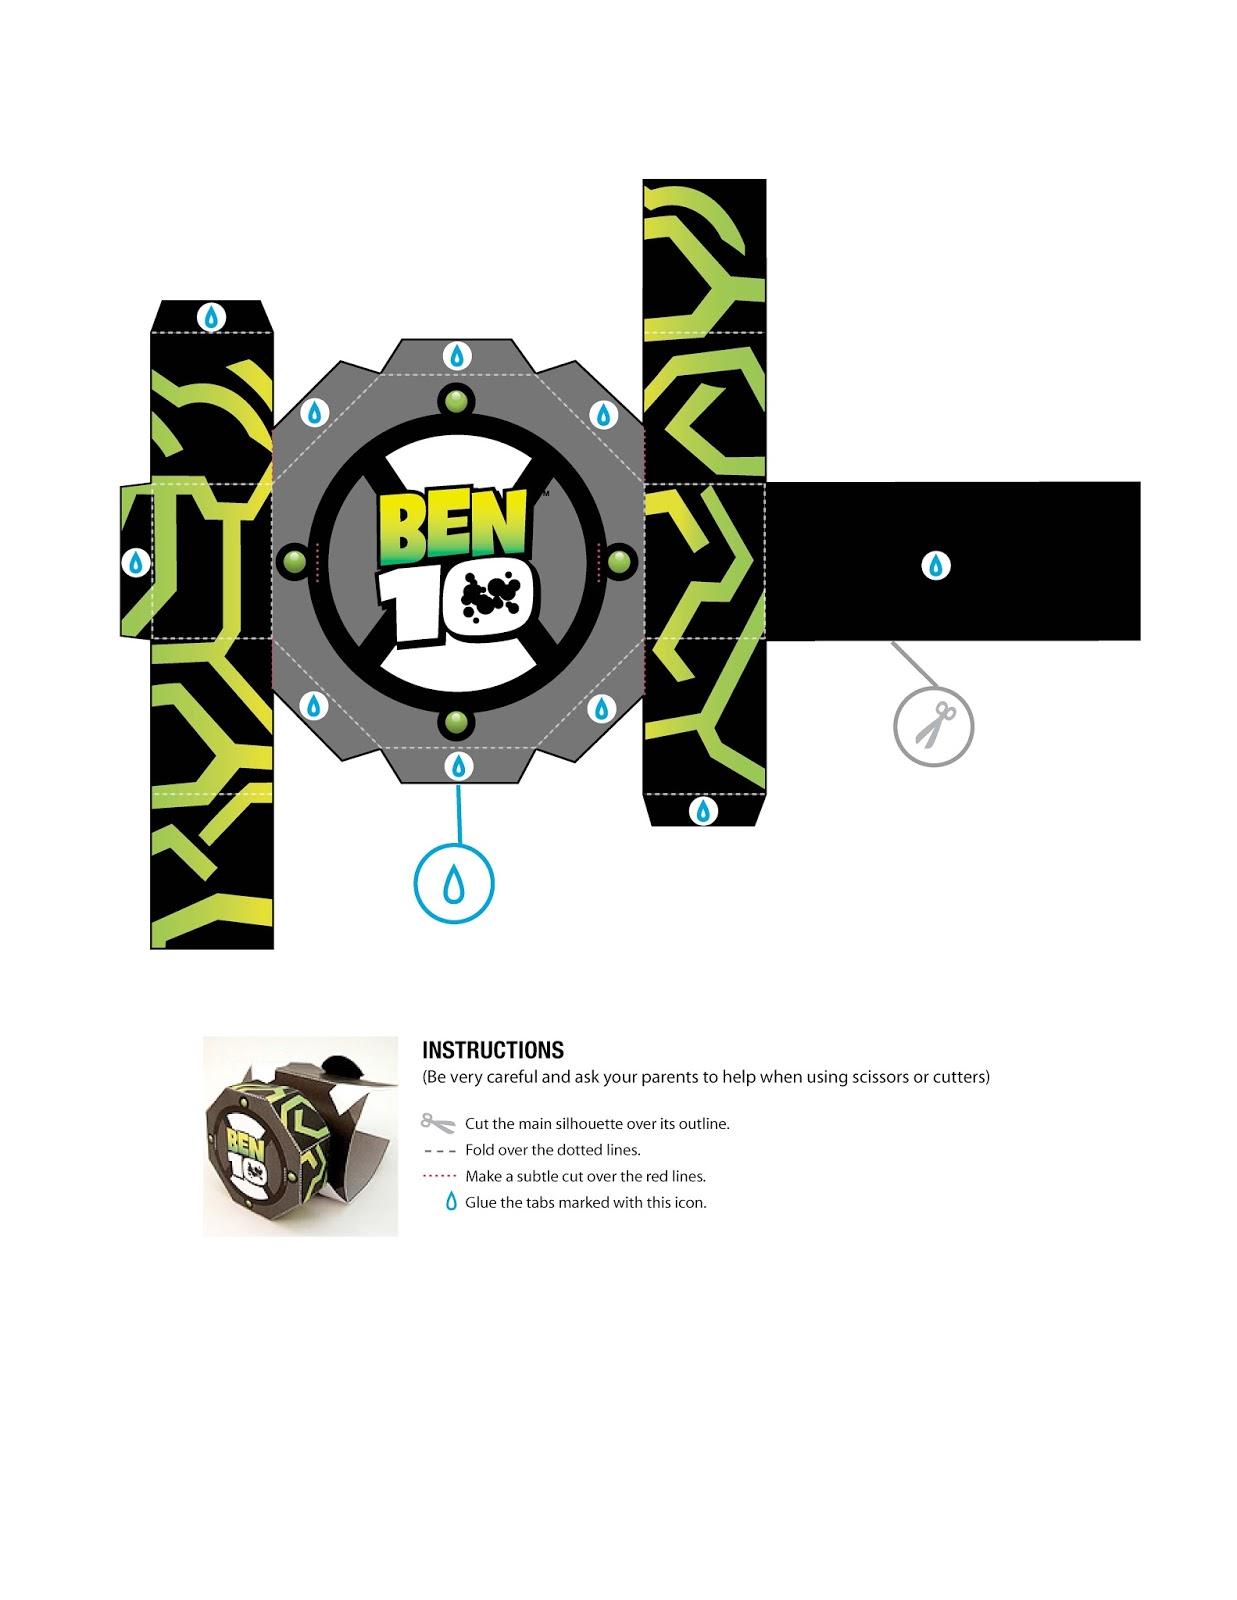 Excepcional Boneco 3D e Relógio pra Montar do Ben 10 | Ideia Criativa - Gi  QY37